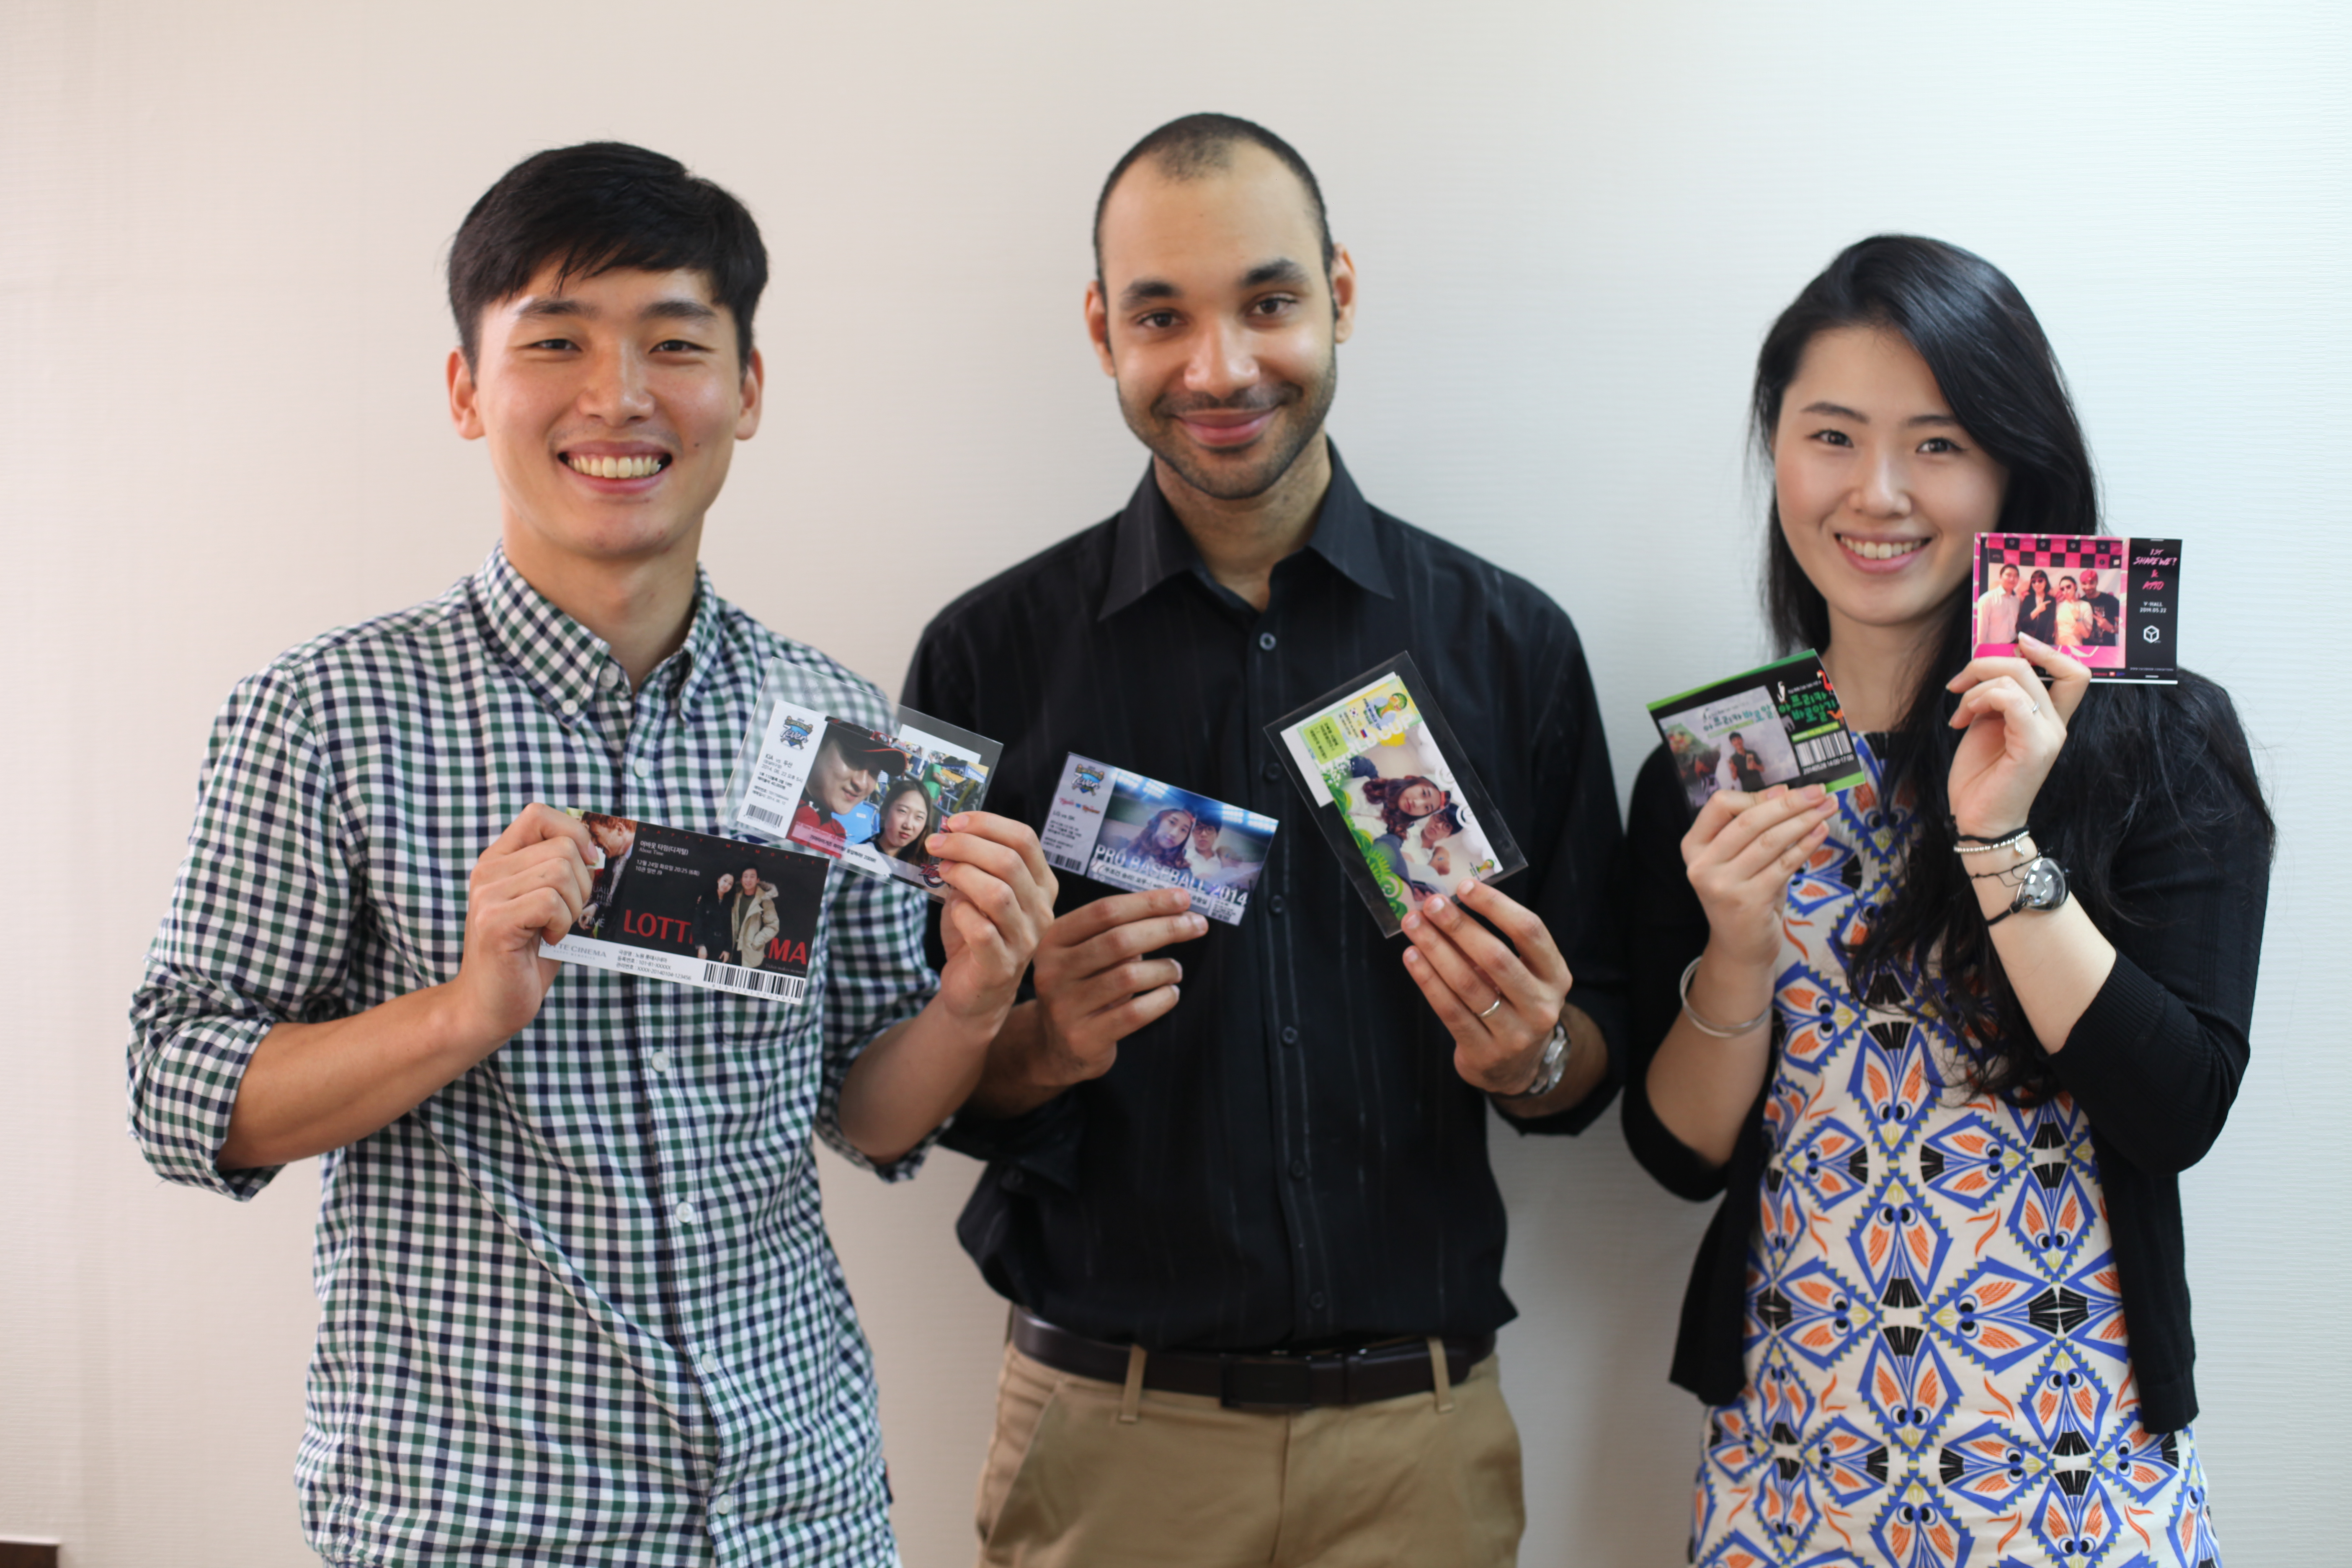 왼쪽부터 한민우 대표, 파비앙 플루호 개발자, 문지혜 매니저 (사진제공:머니투데이